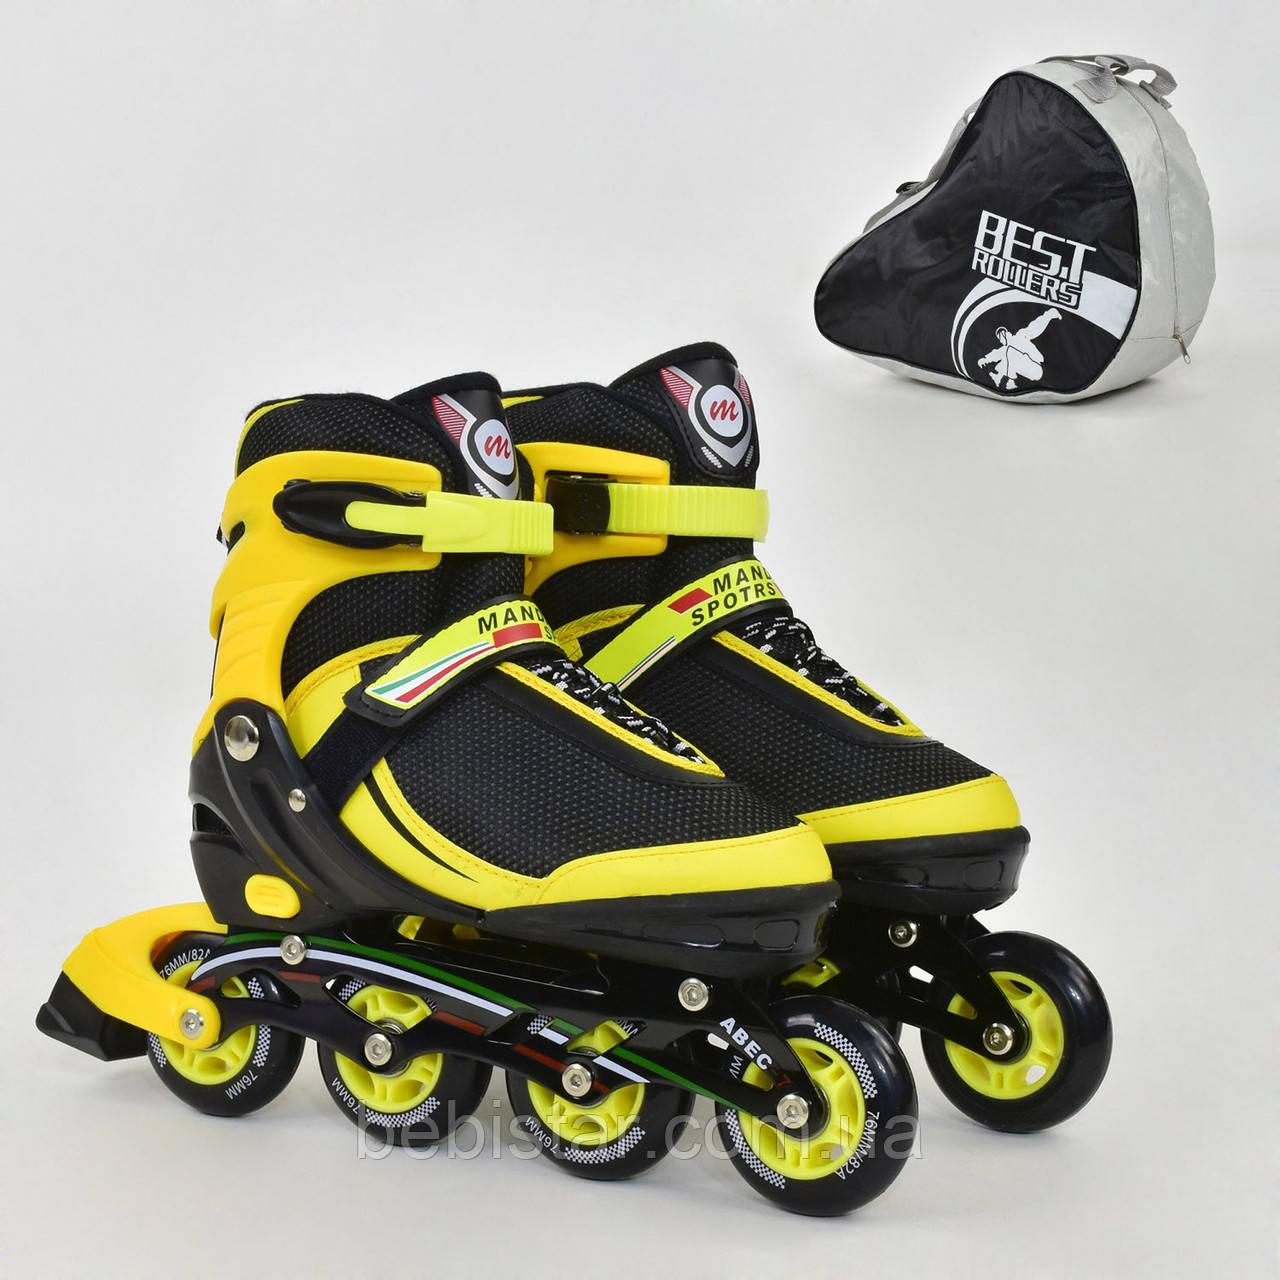 Детские роликовые коньки желтые 9001 S Best Roller размер 31-34 полиуретановые колеса